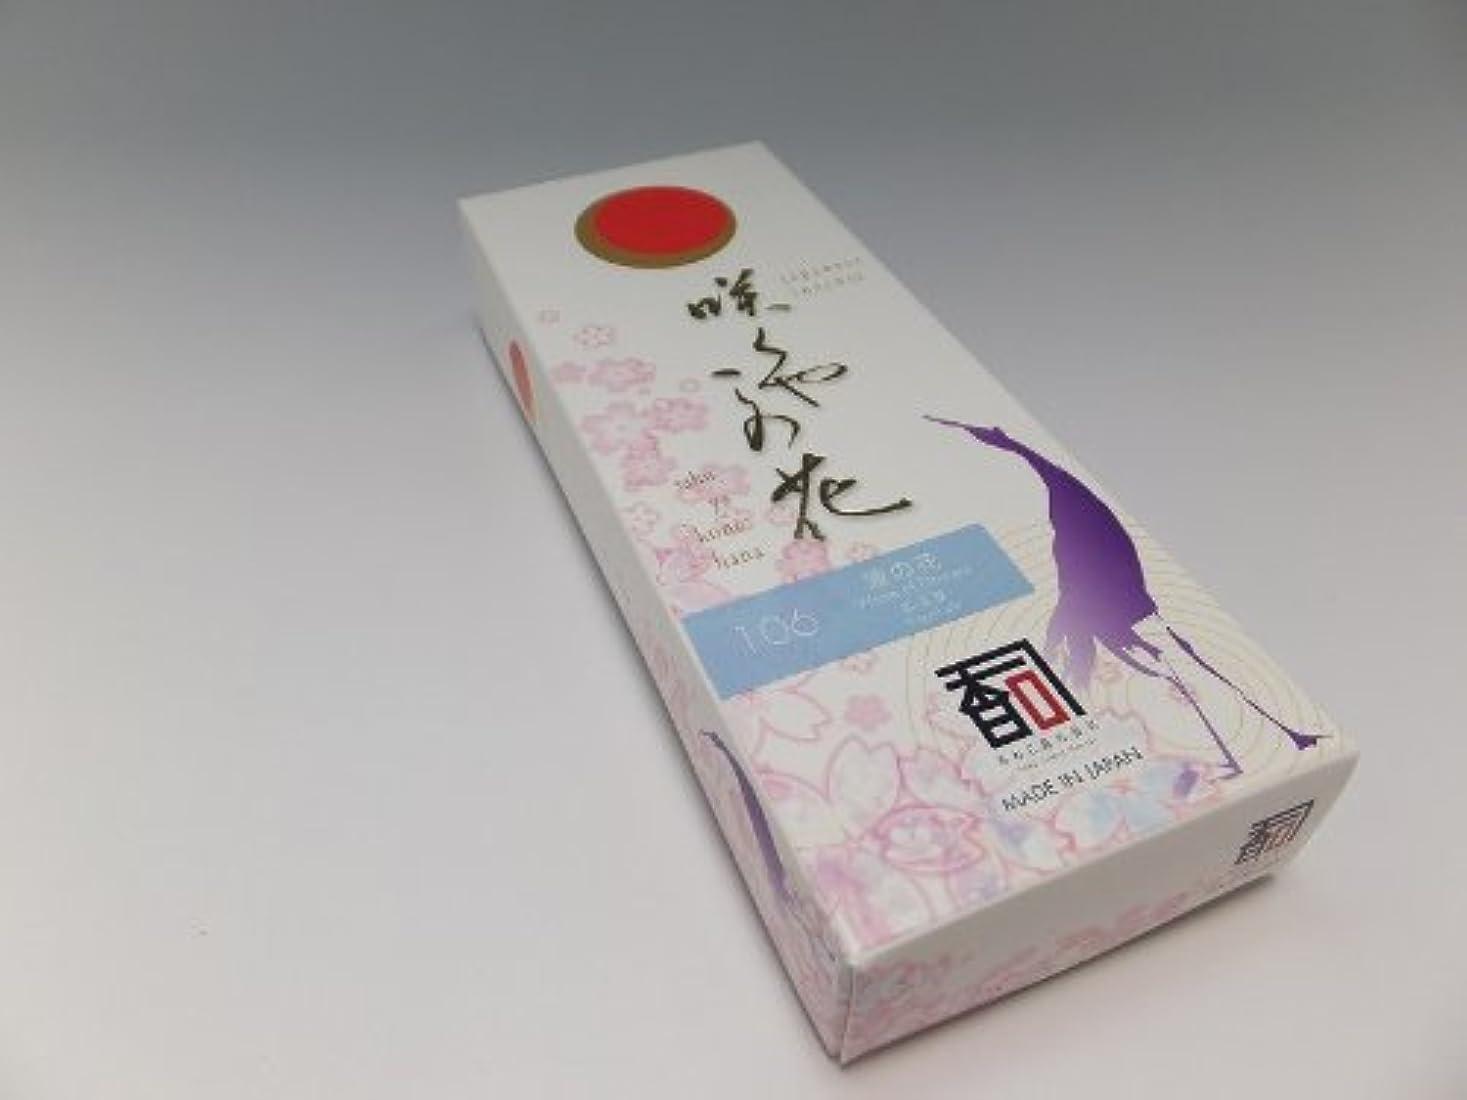 五振るう有効化「あわじ島の香司」 日本の香りシリーズ  [咲くや この花] 【106】 波の花 (煙少)